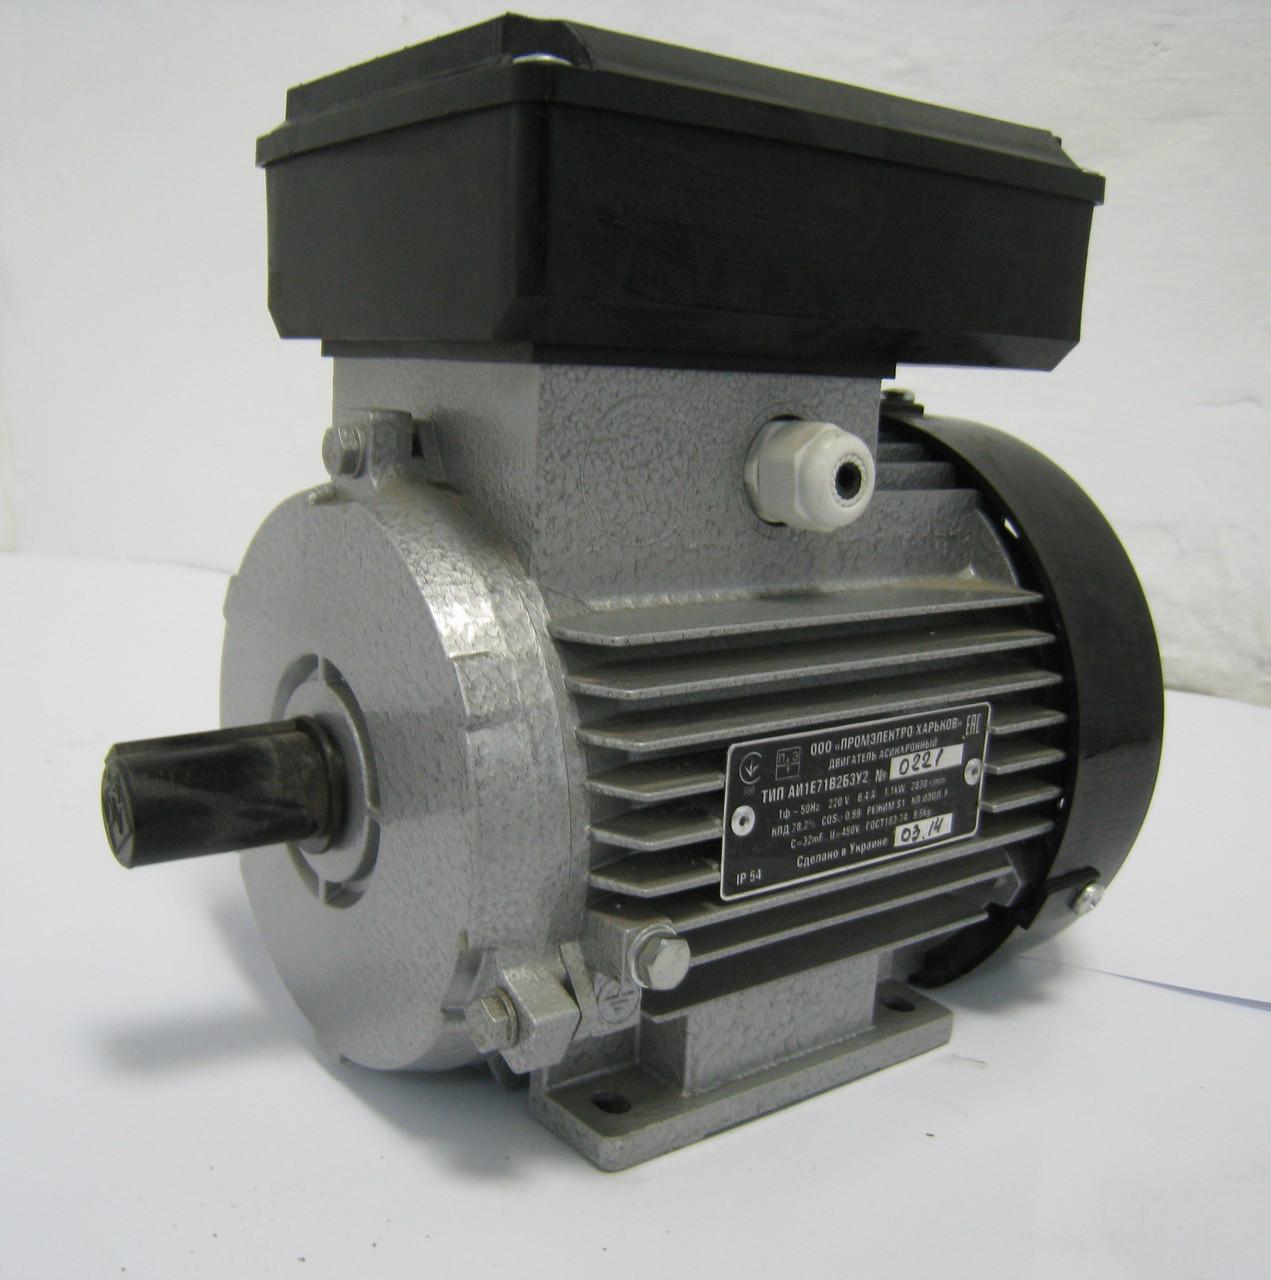 Электродвигатель однофазный 1.1кВт 3000об/мин АИ1Е 80 А2